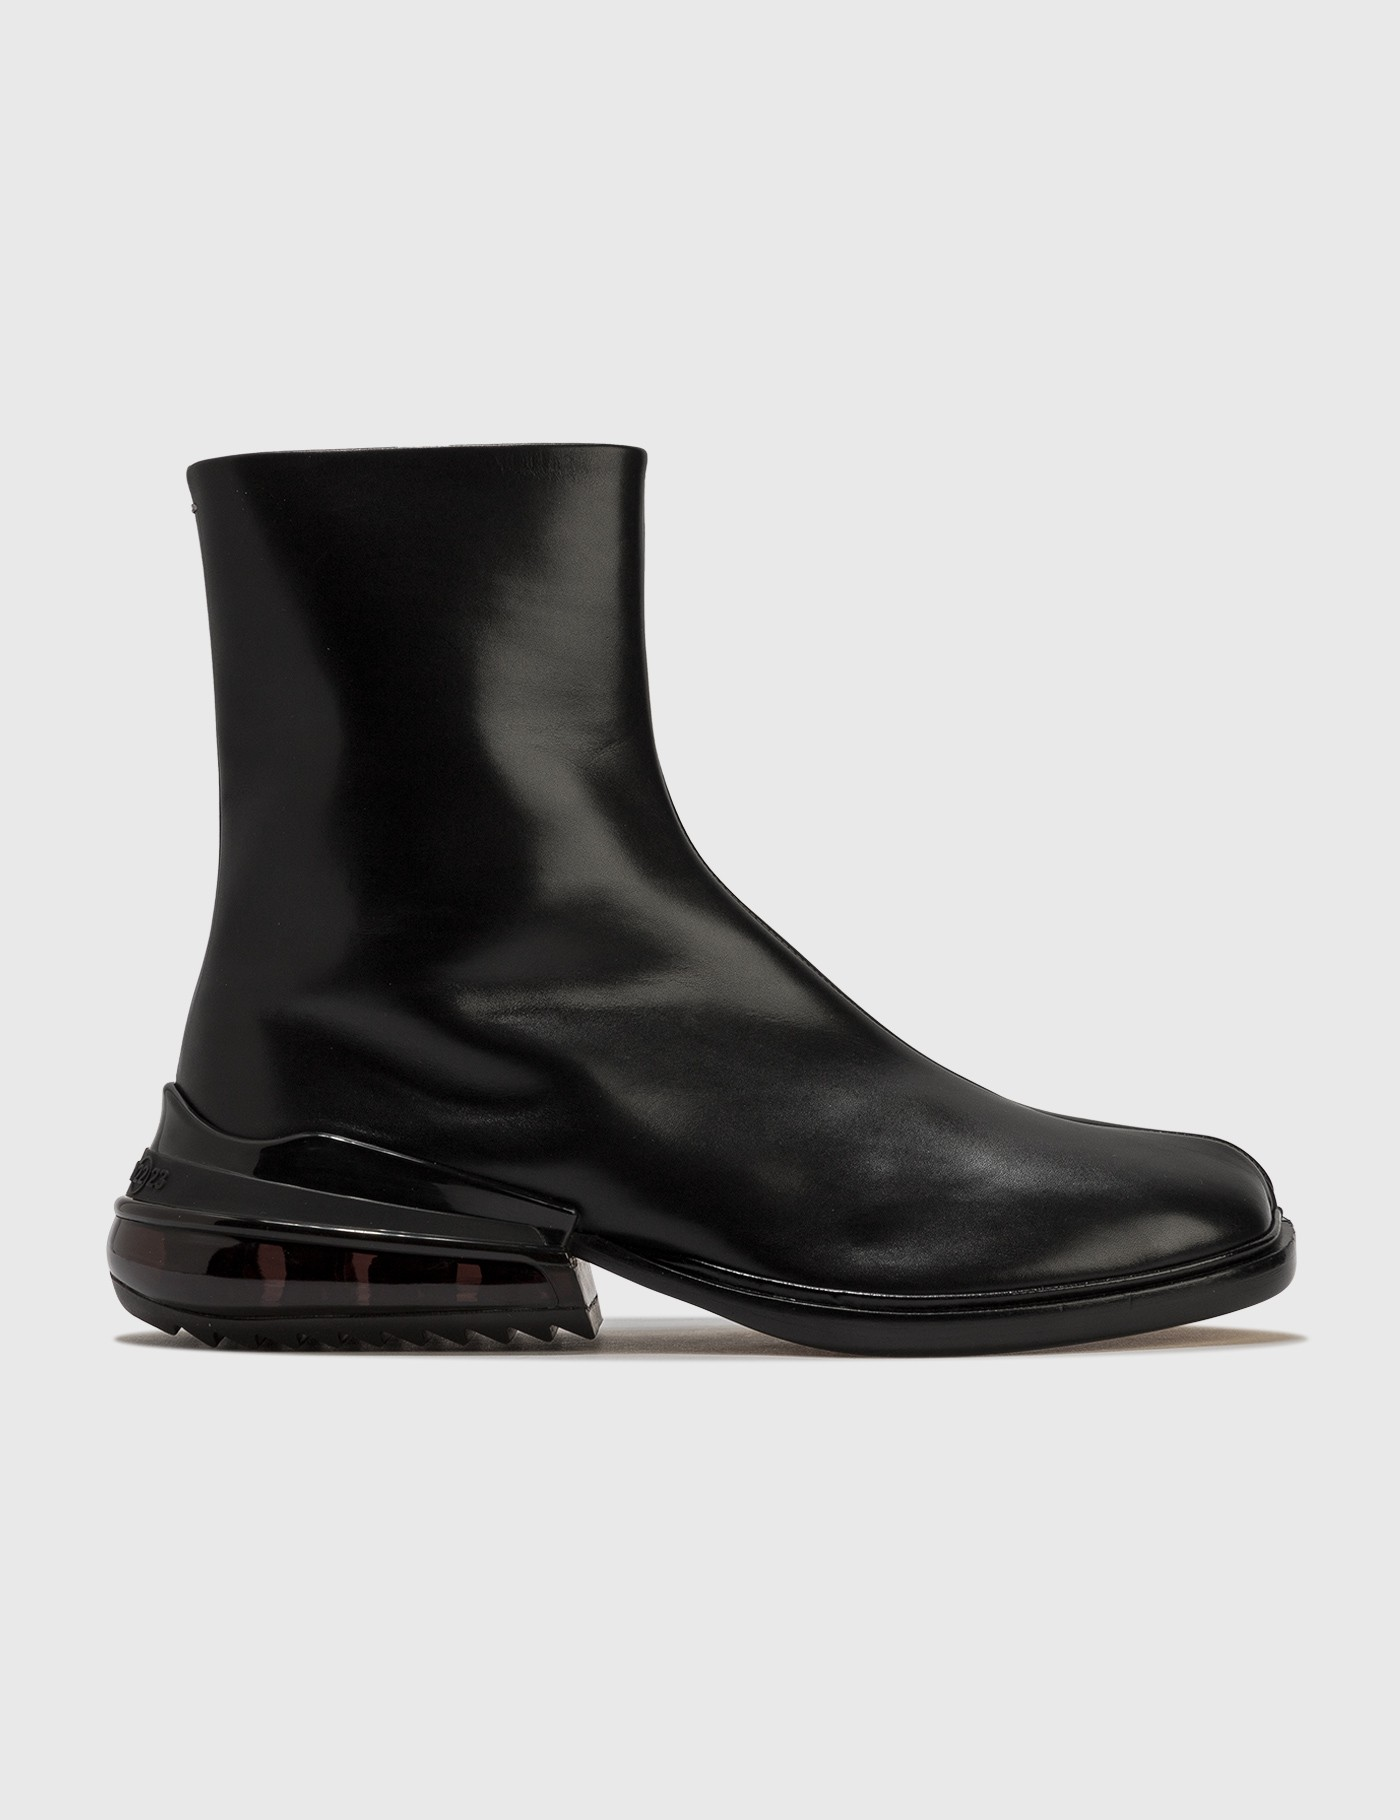 Tabi Airbag Heel Boots